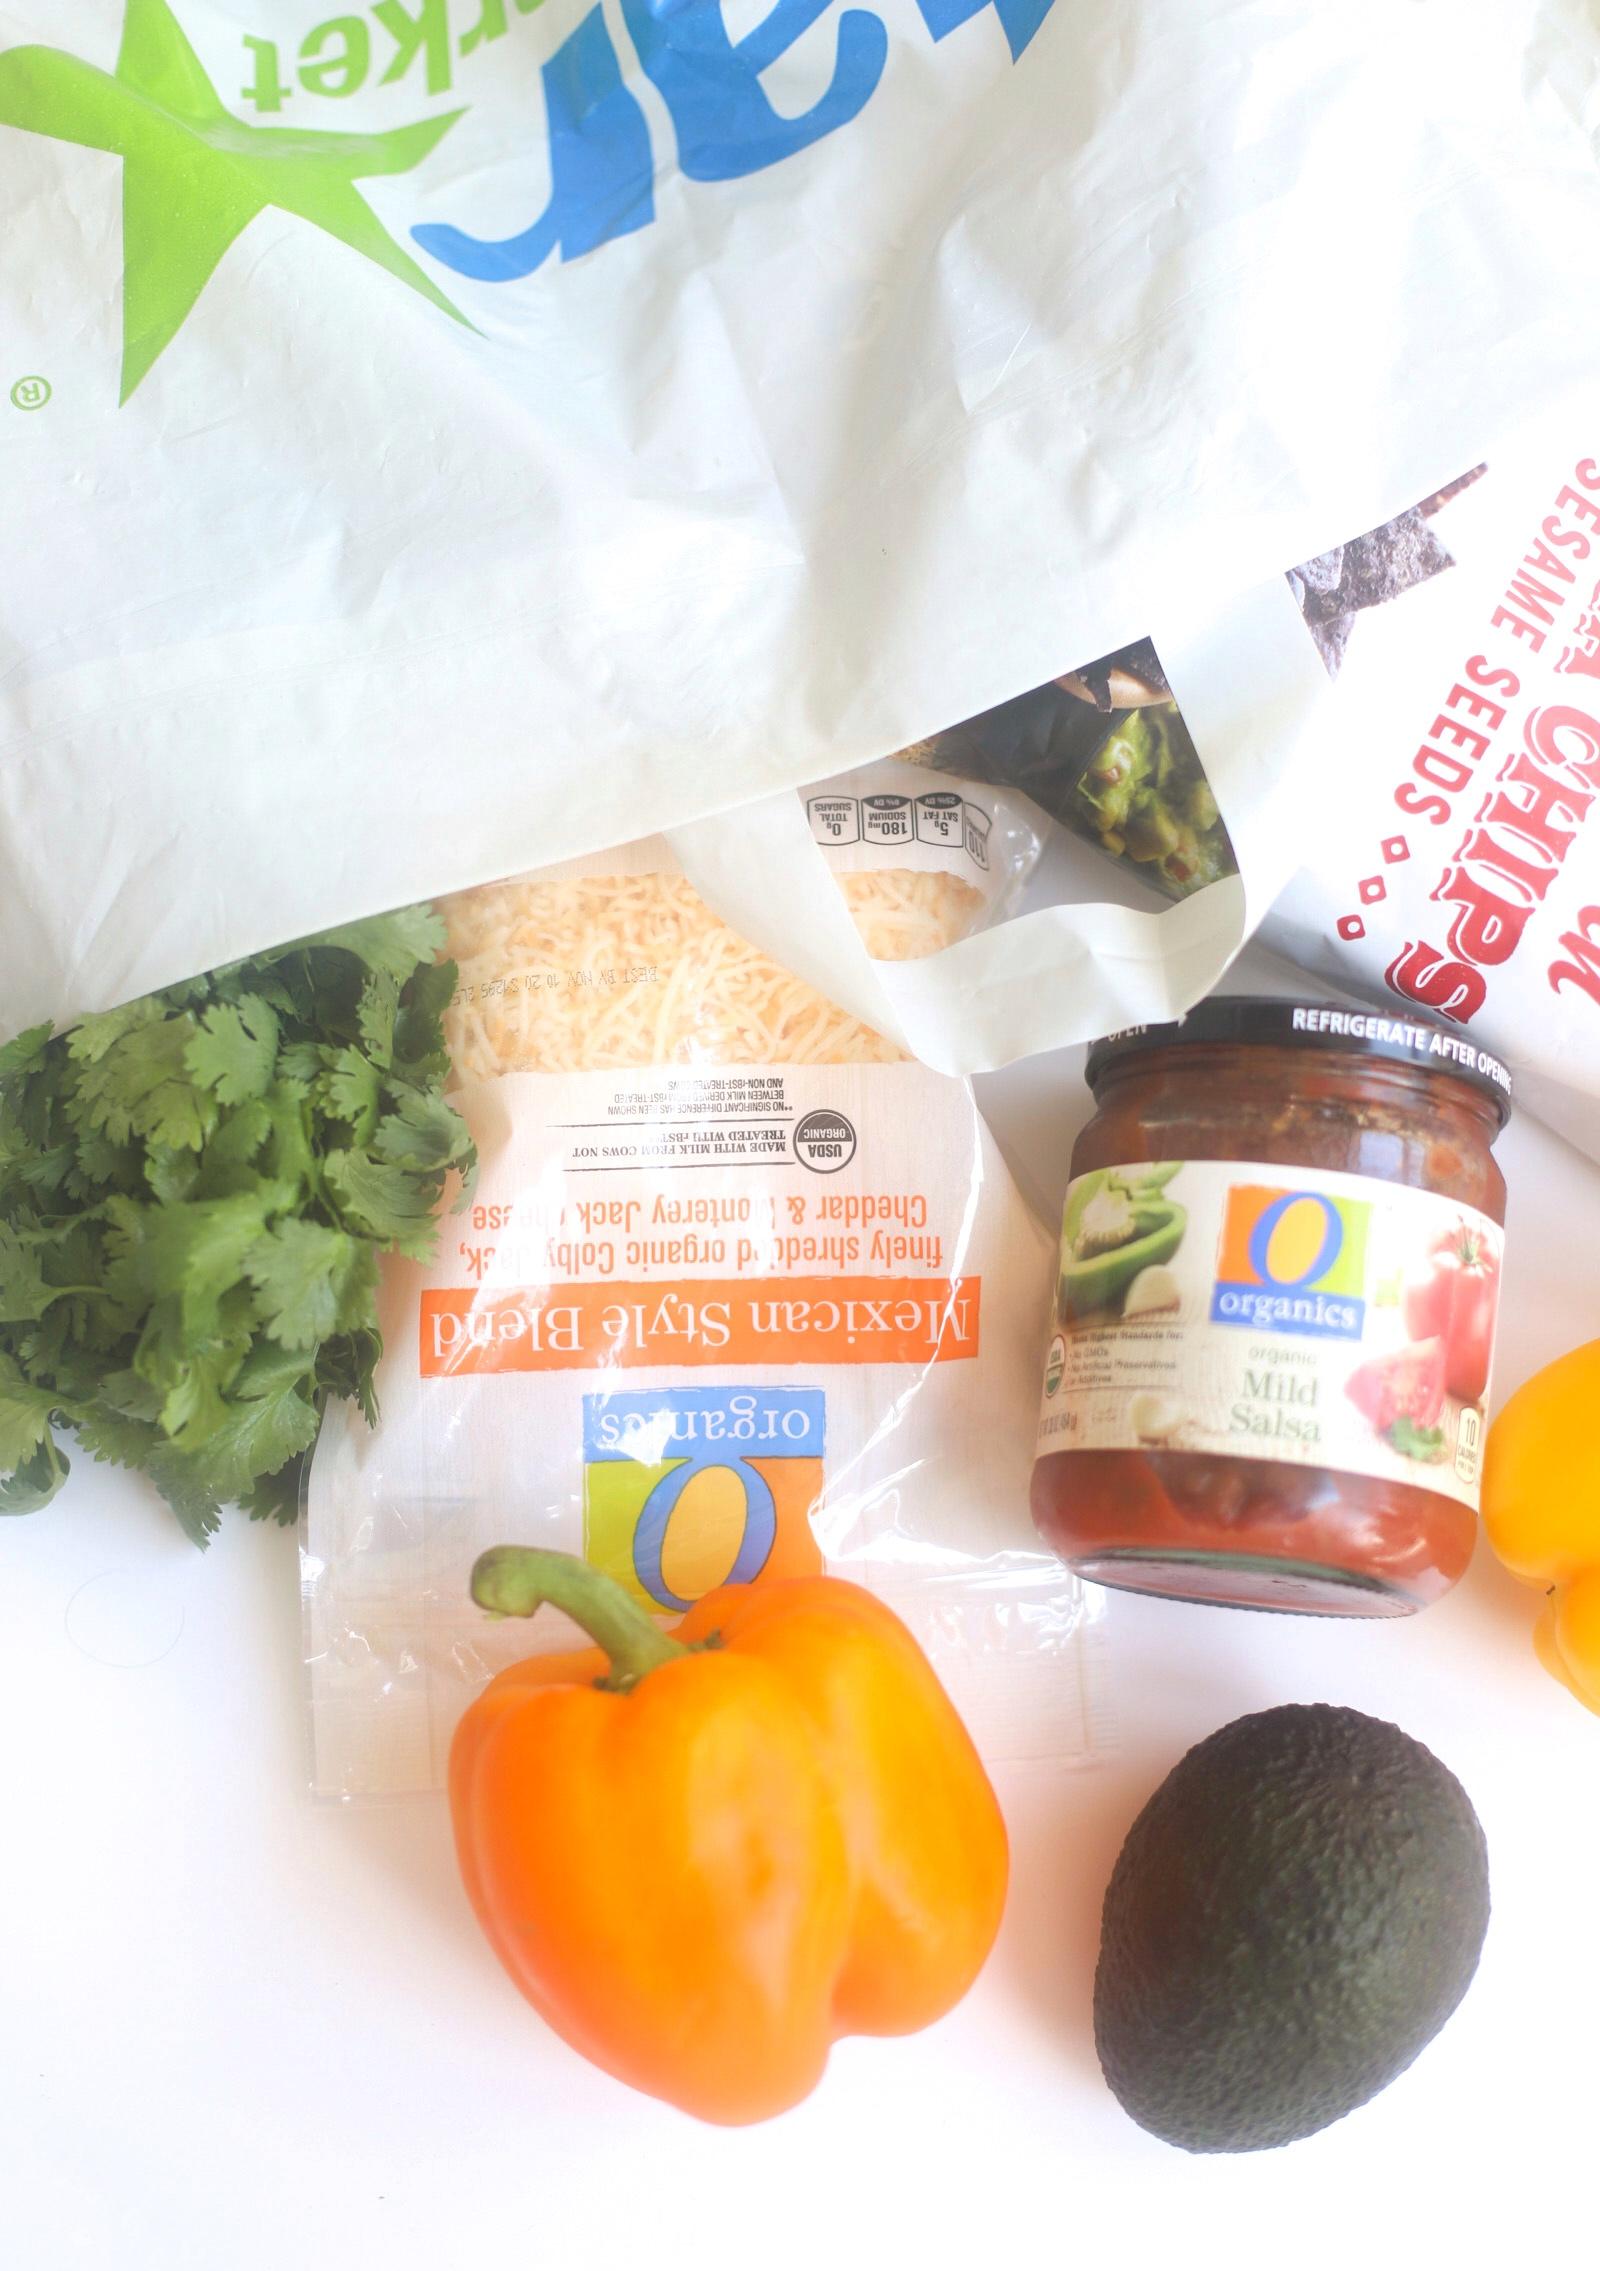 Crockpot Chicken Tacos - Star Market - GLITTERINC.COM